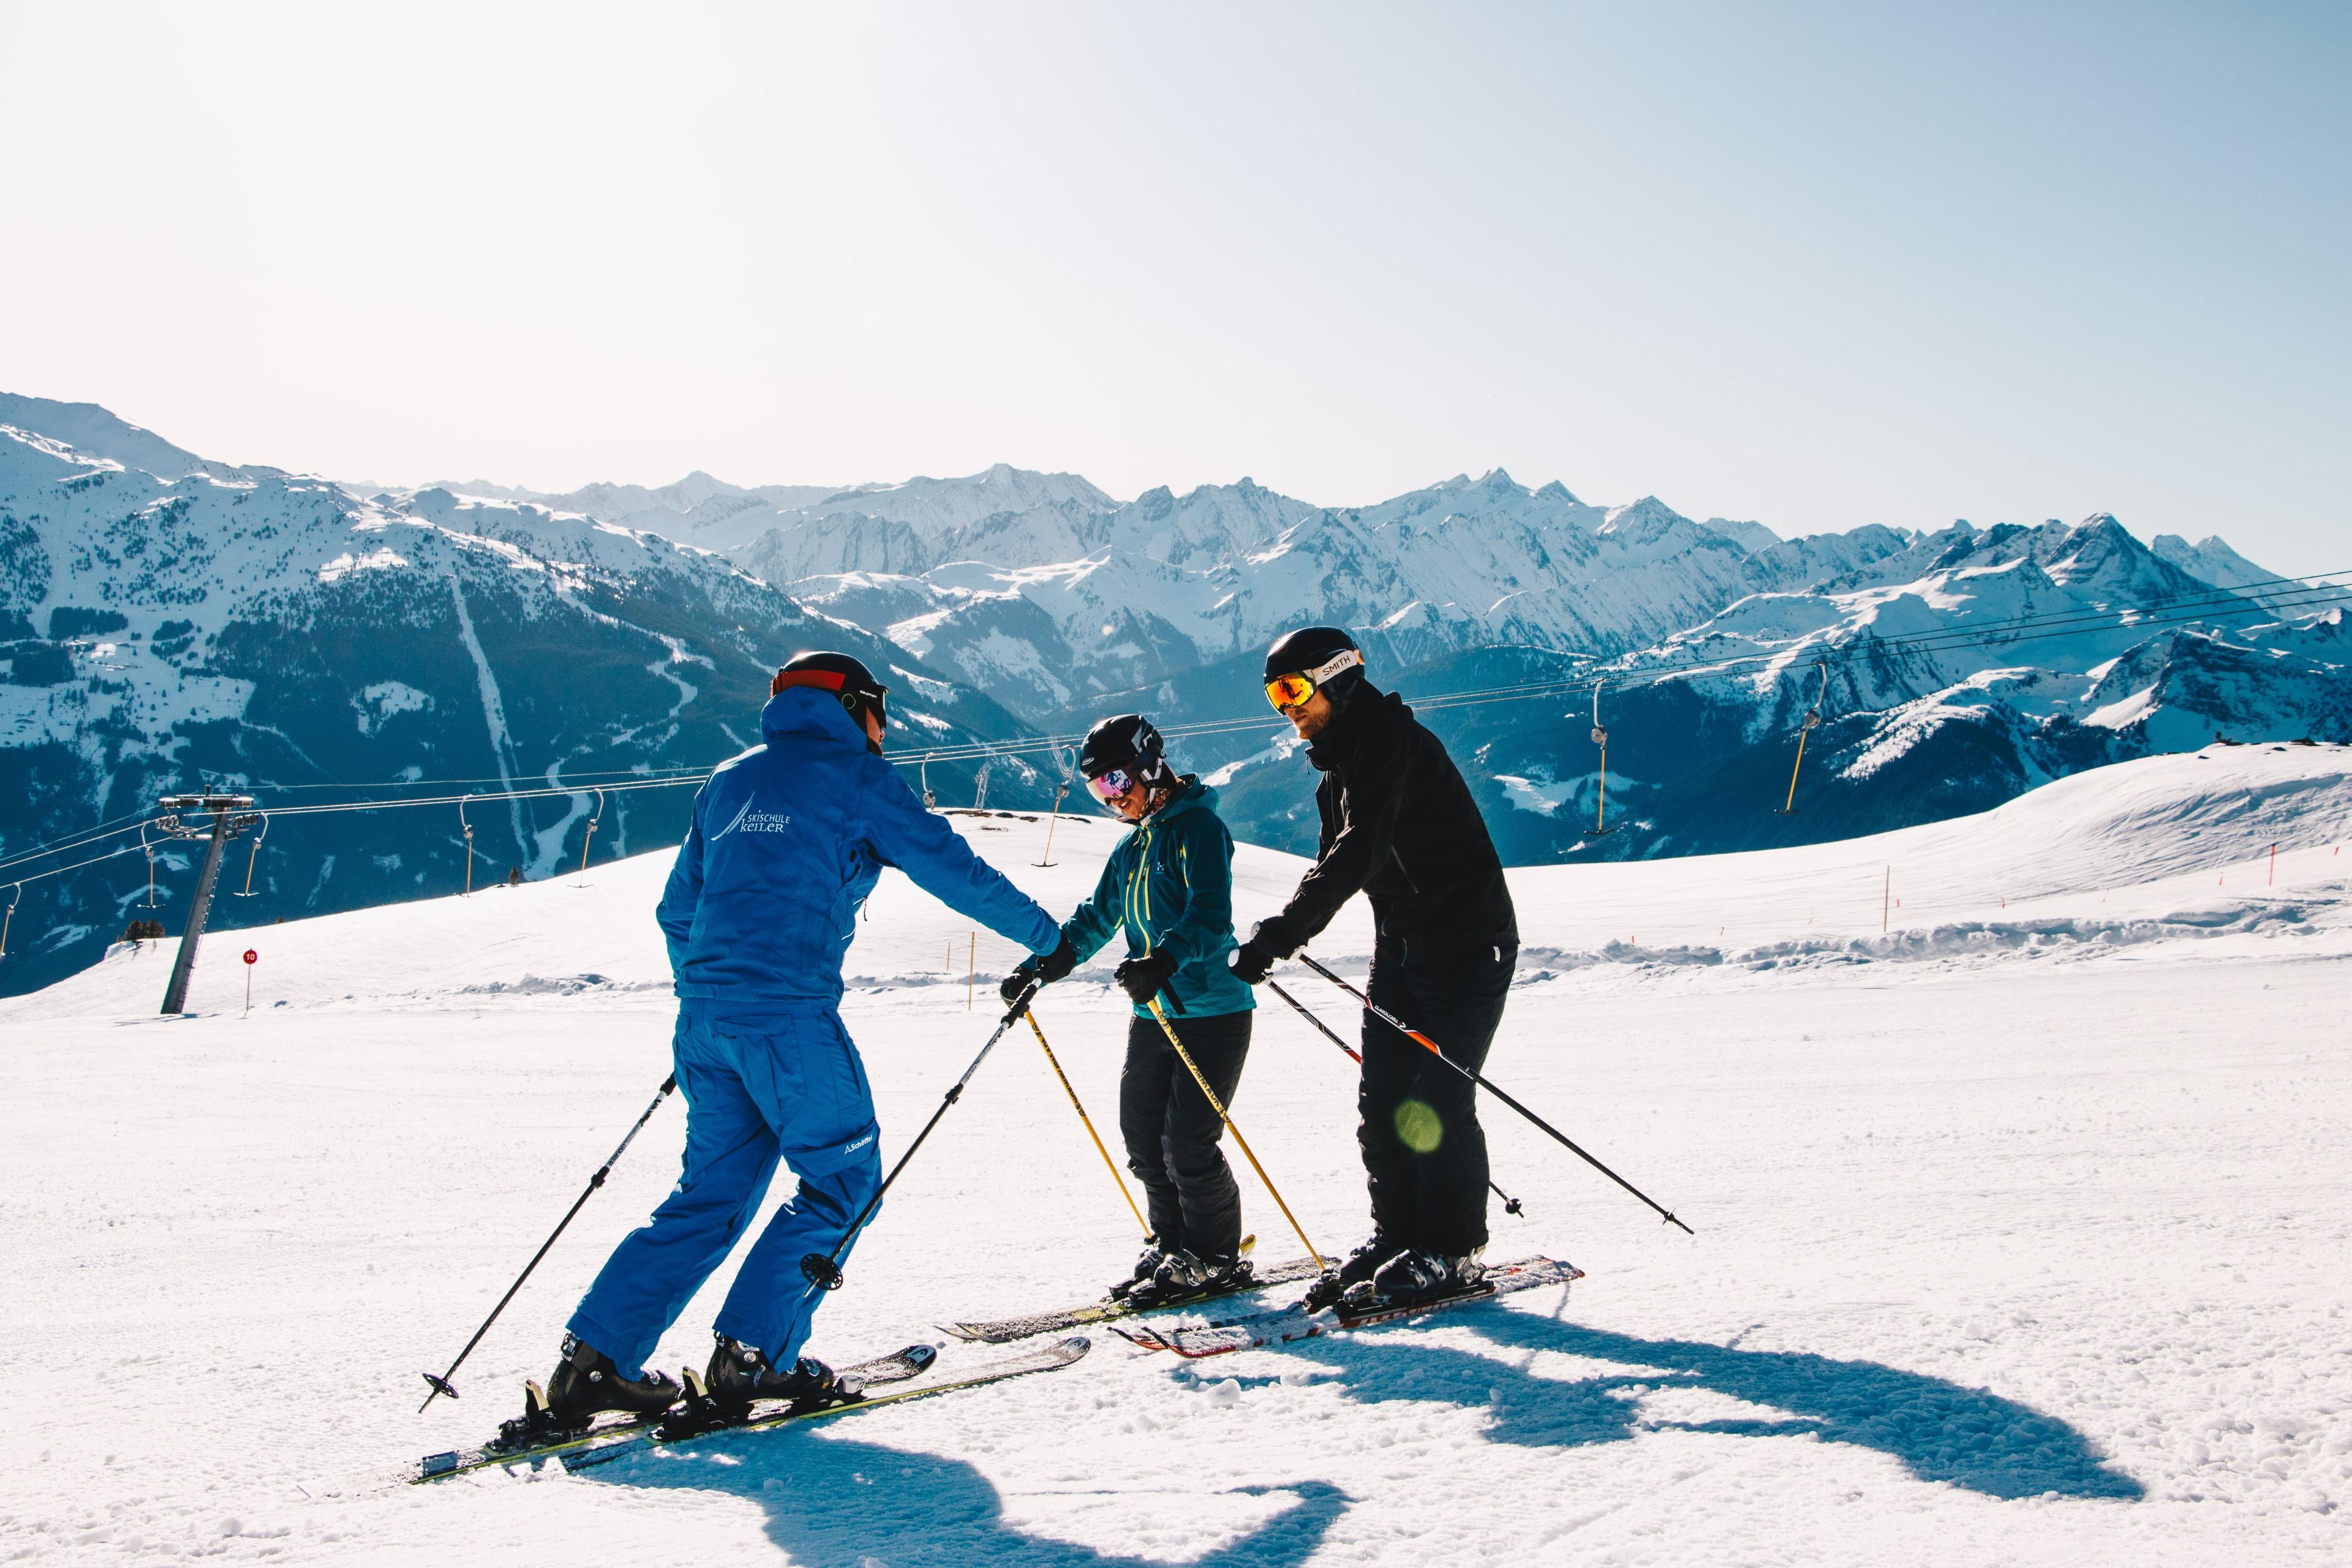 Privé skilessen voor volwassenen van alle niveaus